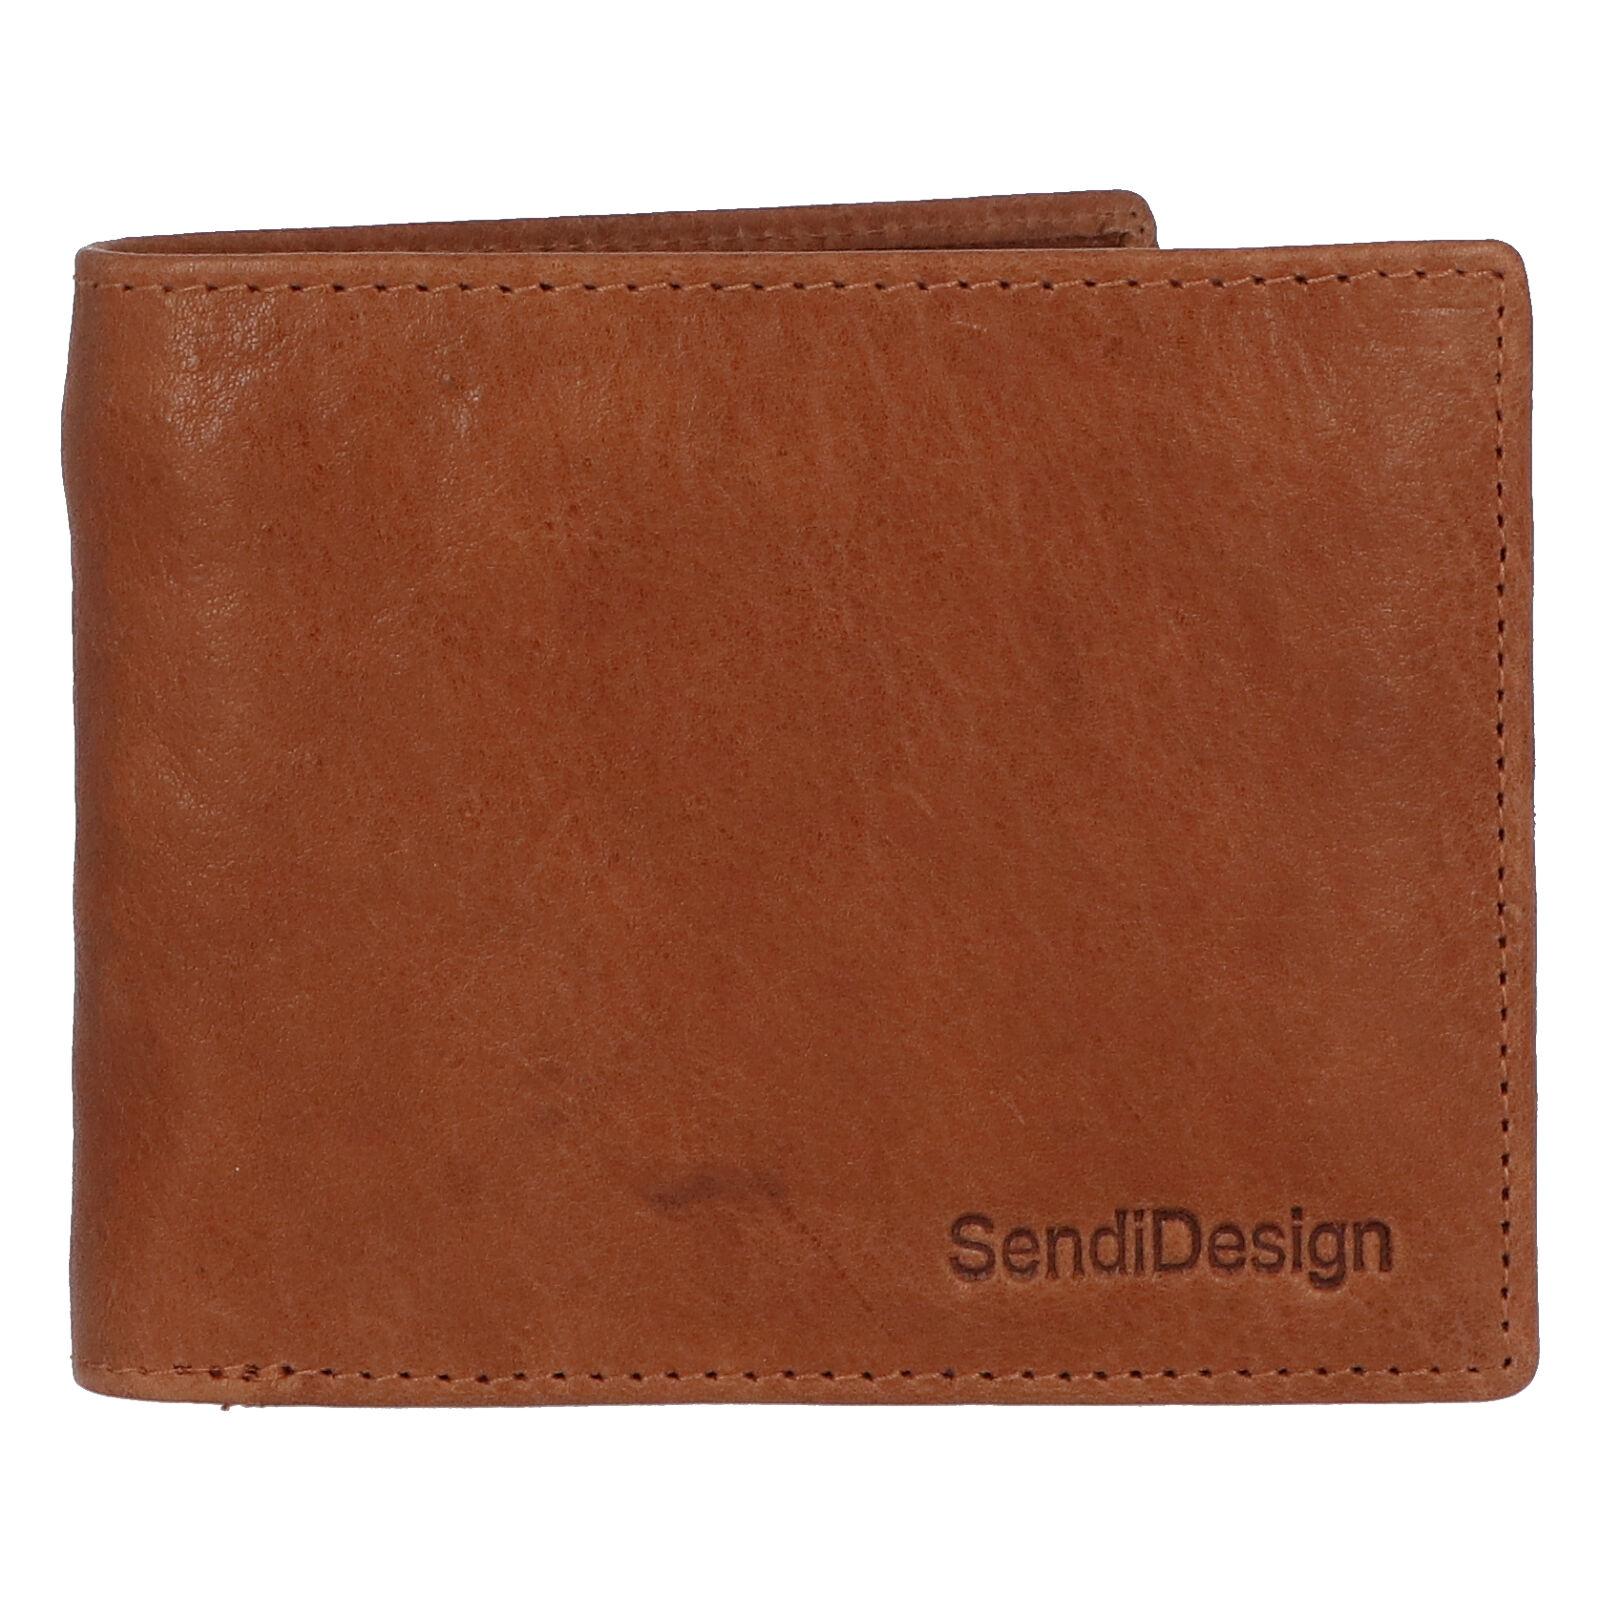 Pánská kožená peněženka světle hnědá - SendiDesign Boster